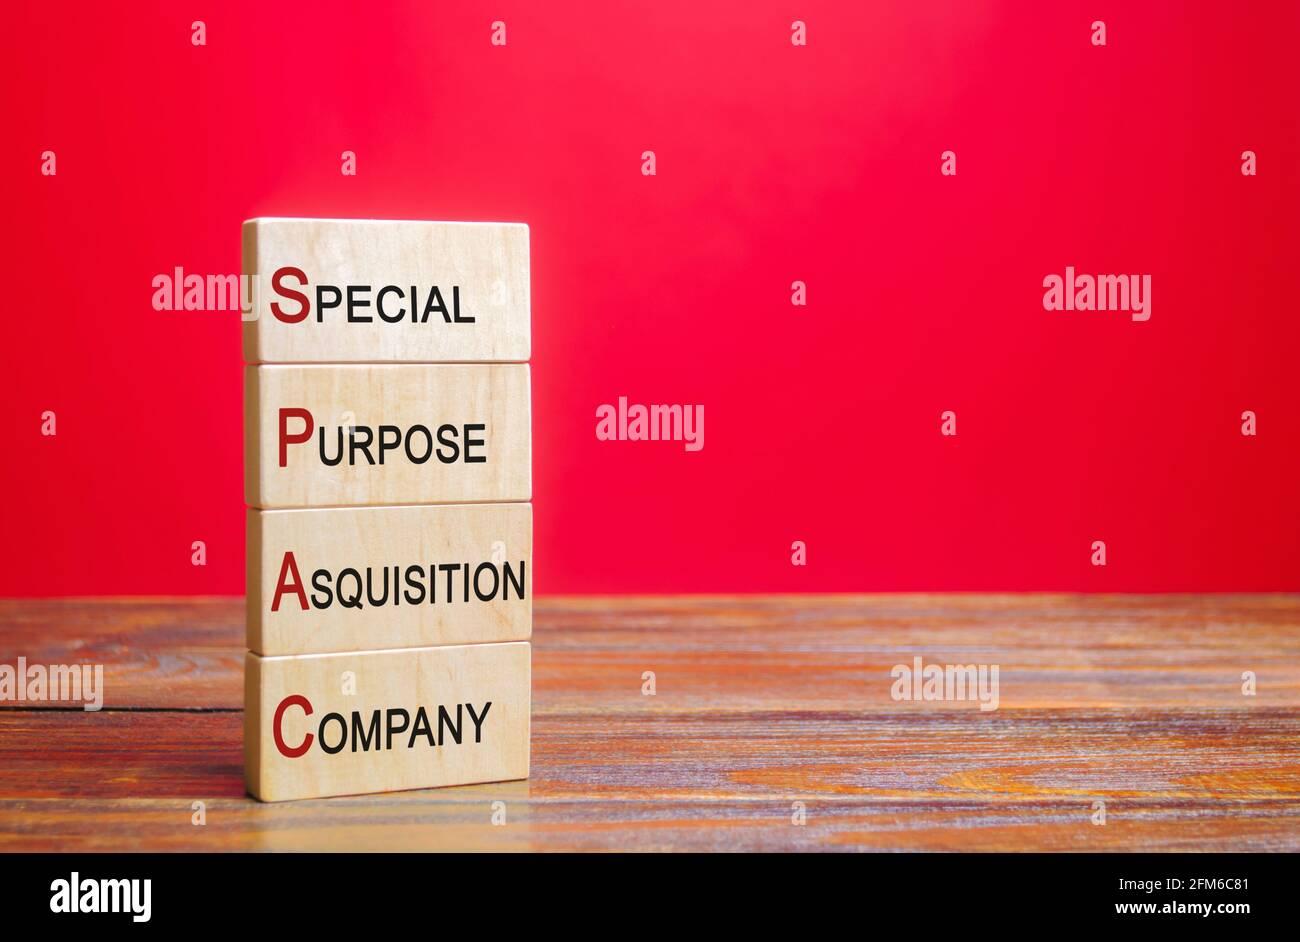 Bloques de madera con la palabra SPAC - Empresa de adquisición de propósito especial. Lista simplificada de la empresa, fusión pasando por alto la OPI de la bolsa de valores. Evaluación Foto de stock